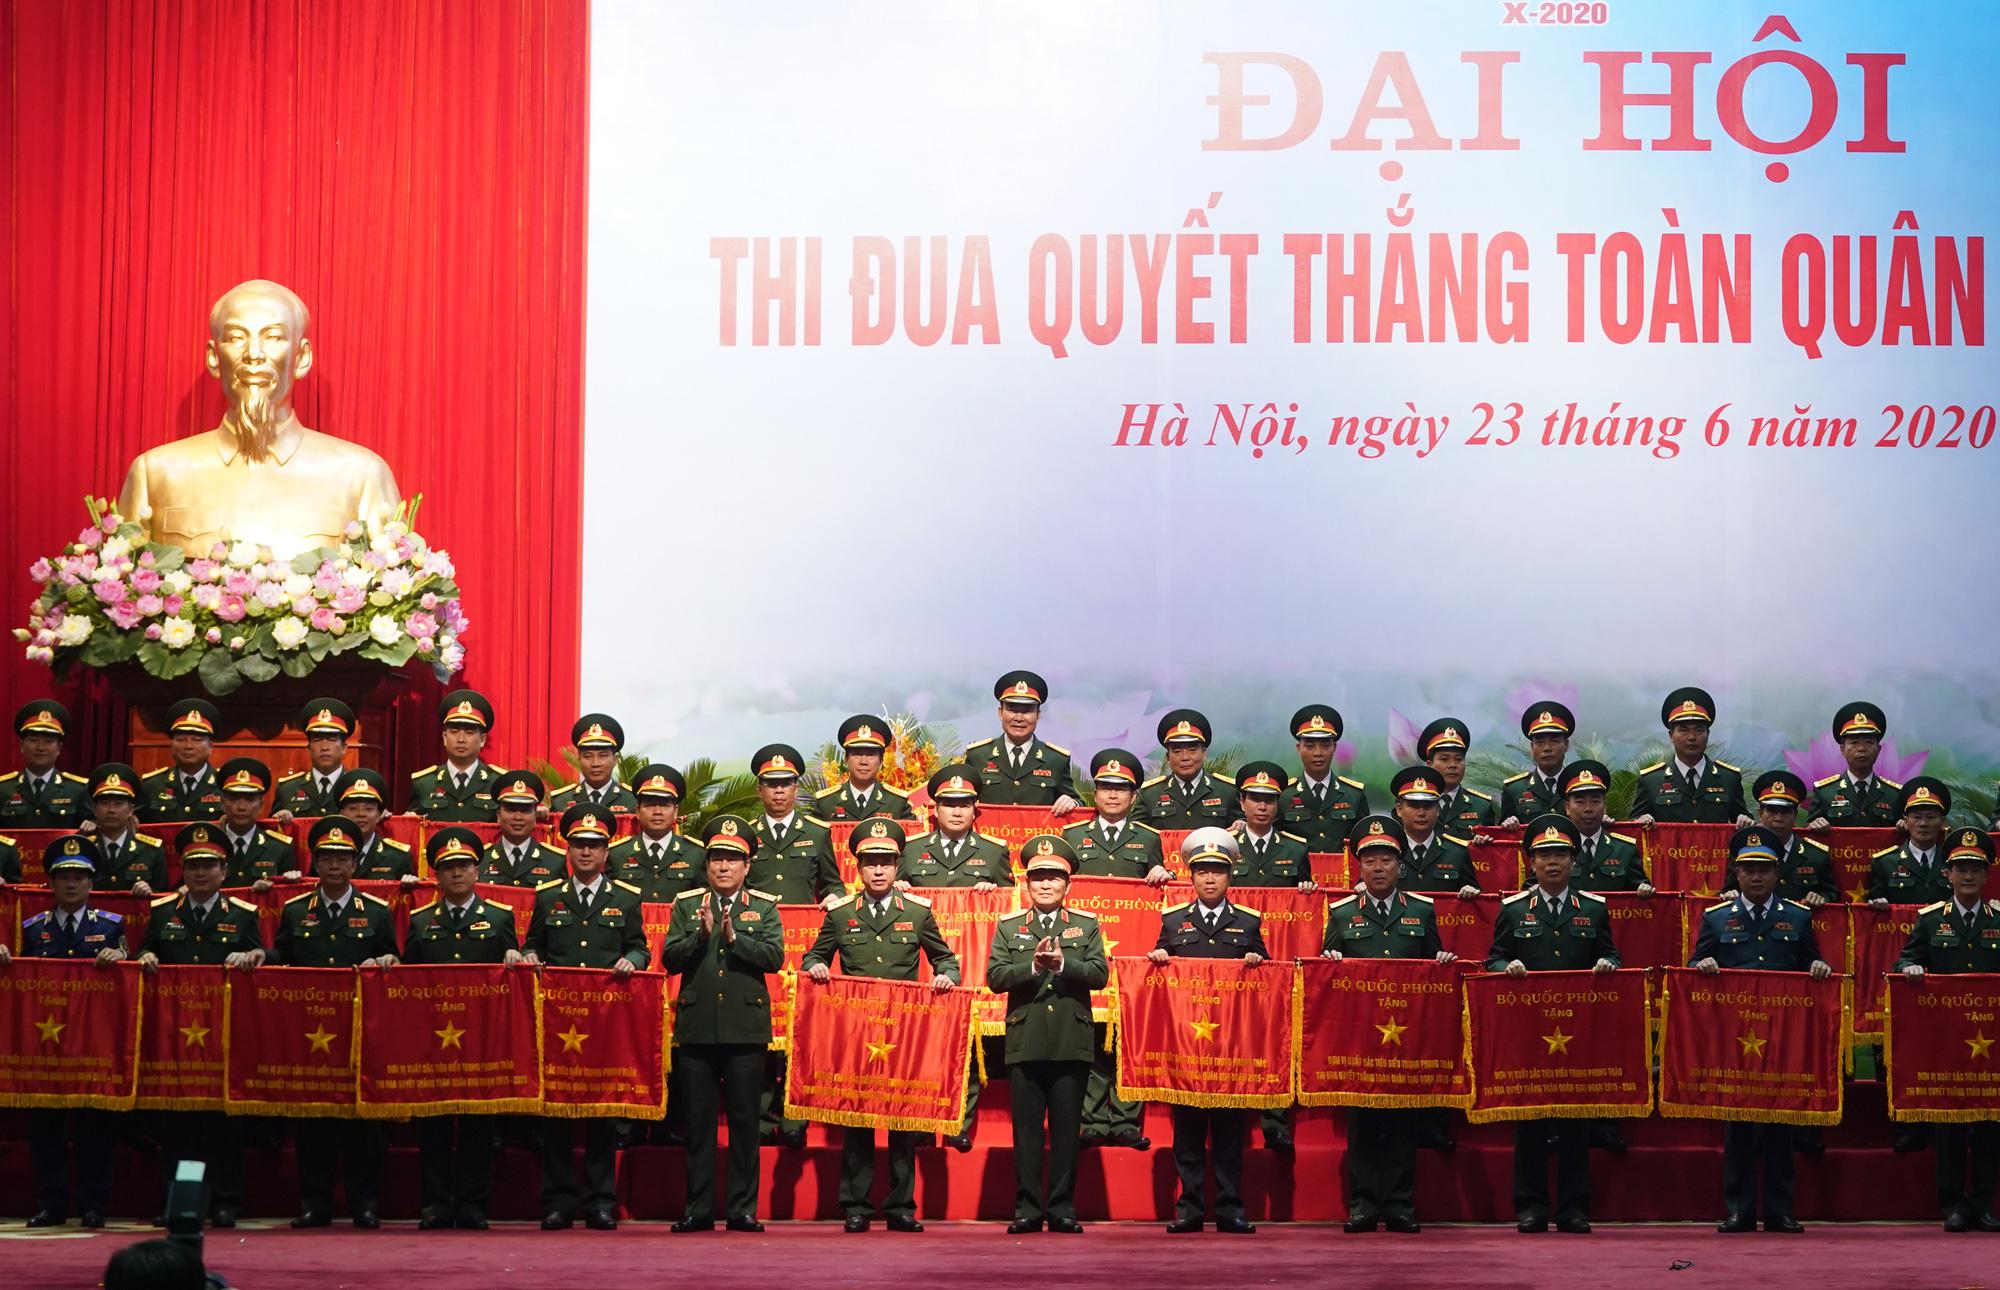 Thủ tướng xúc động trước những hành động, việc làm thiết thực của những anh Bộ đội Cụ Hồ trong chống dịch Covid-19 - Ảnh 2.